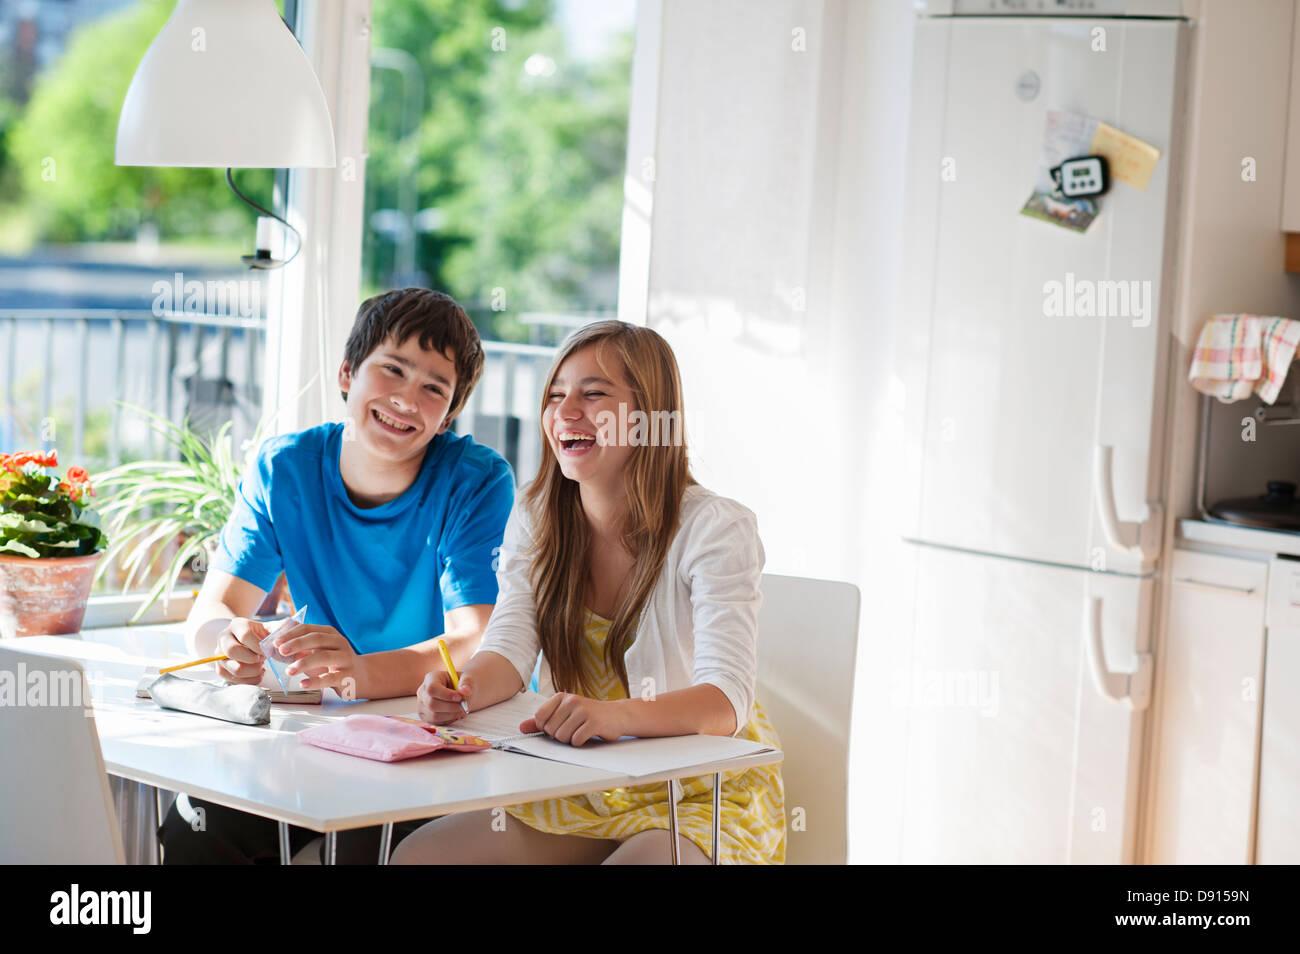 Les adolescents qui étudient en cuisine Photo Stock